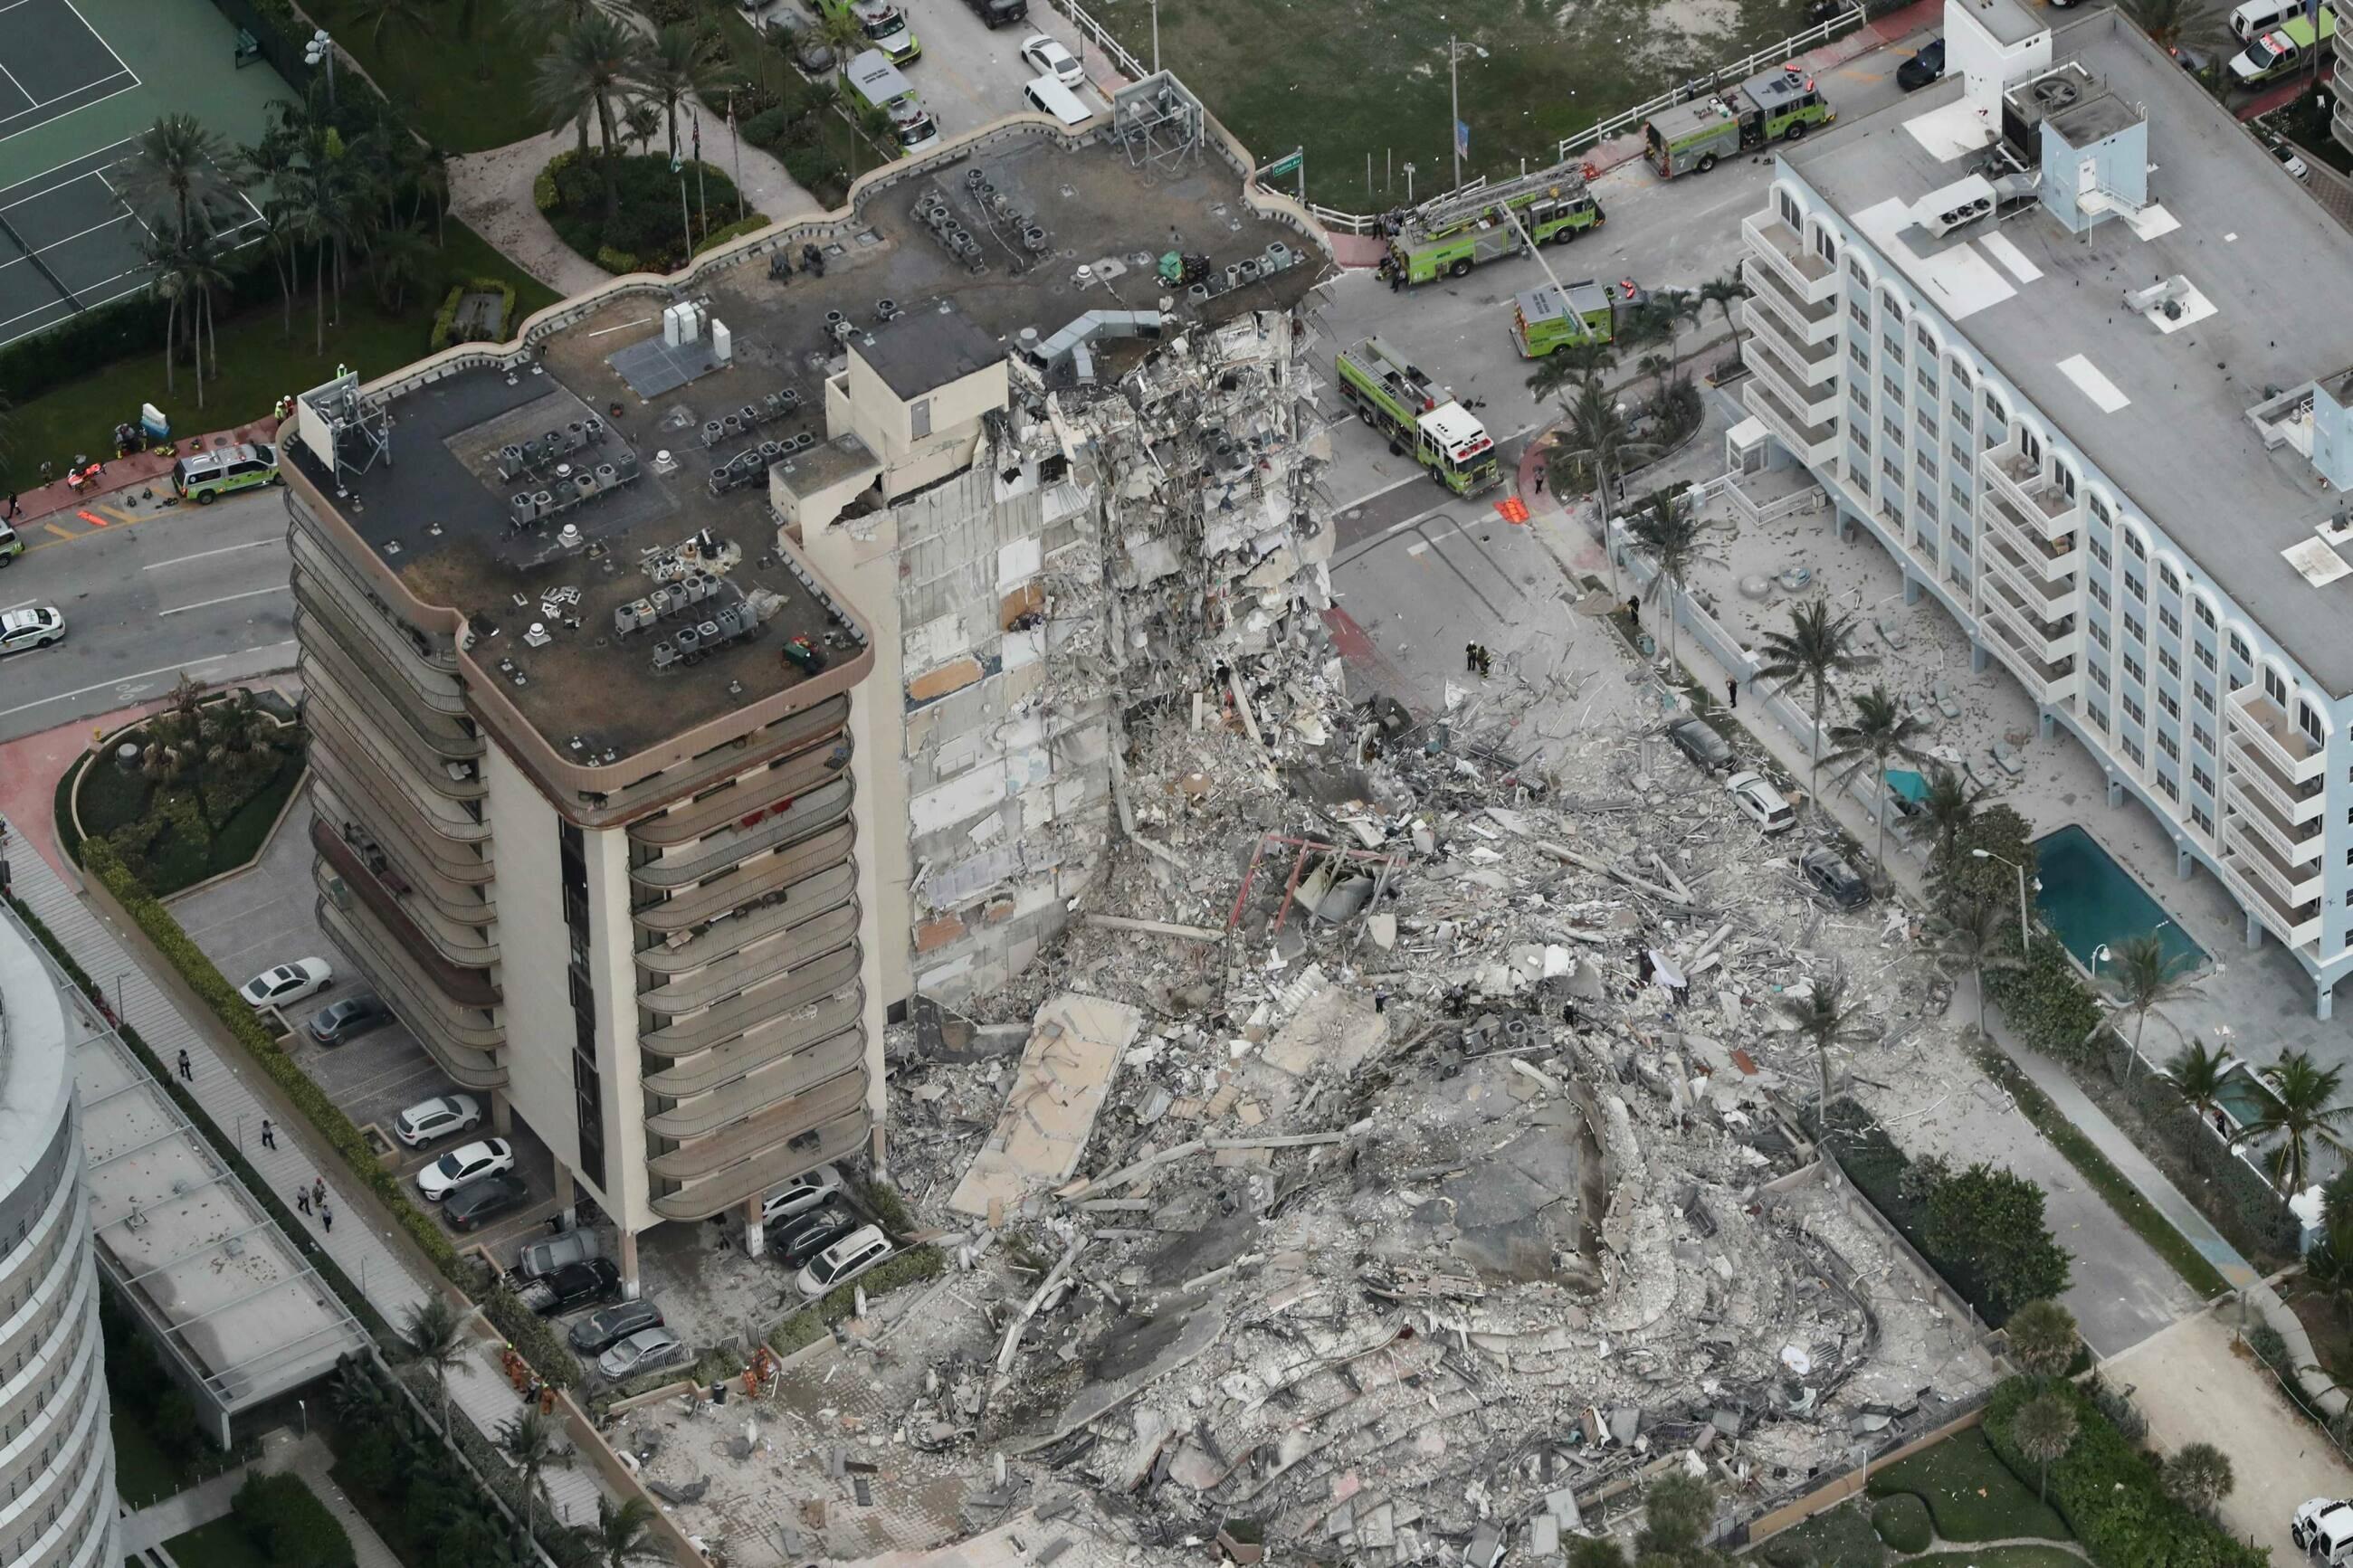 Miami. Część bloku runęła w 12 sekund. Rośnie liczba ofiar, aż 159 osób uważa się za zaginione